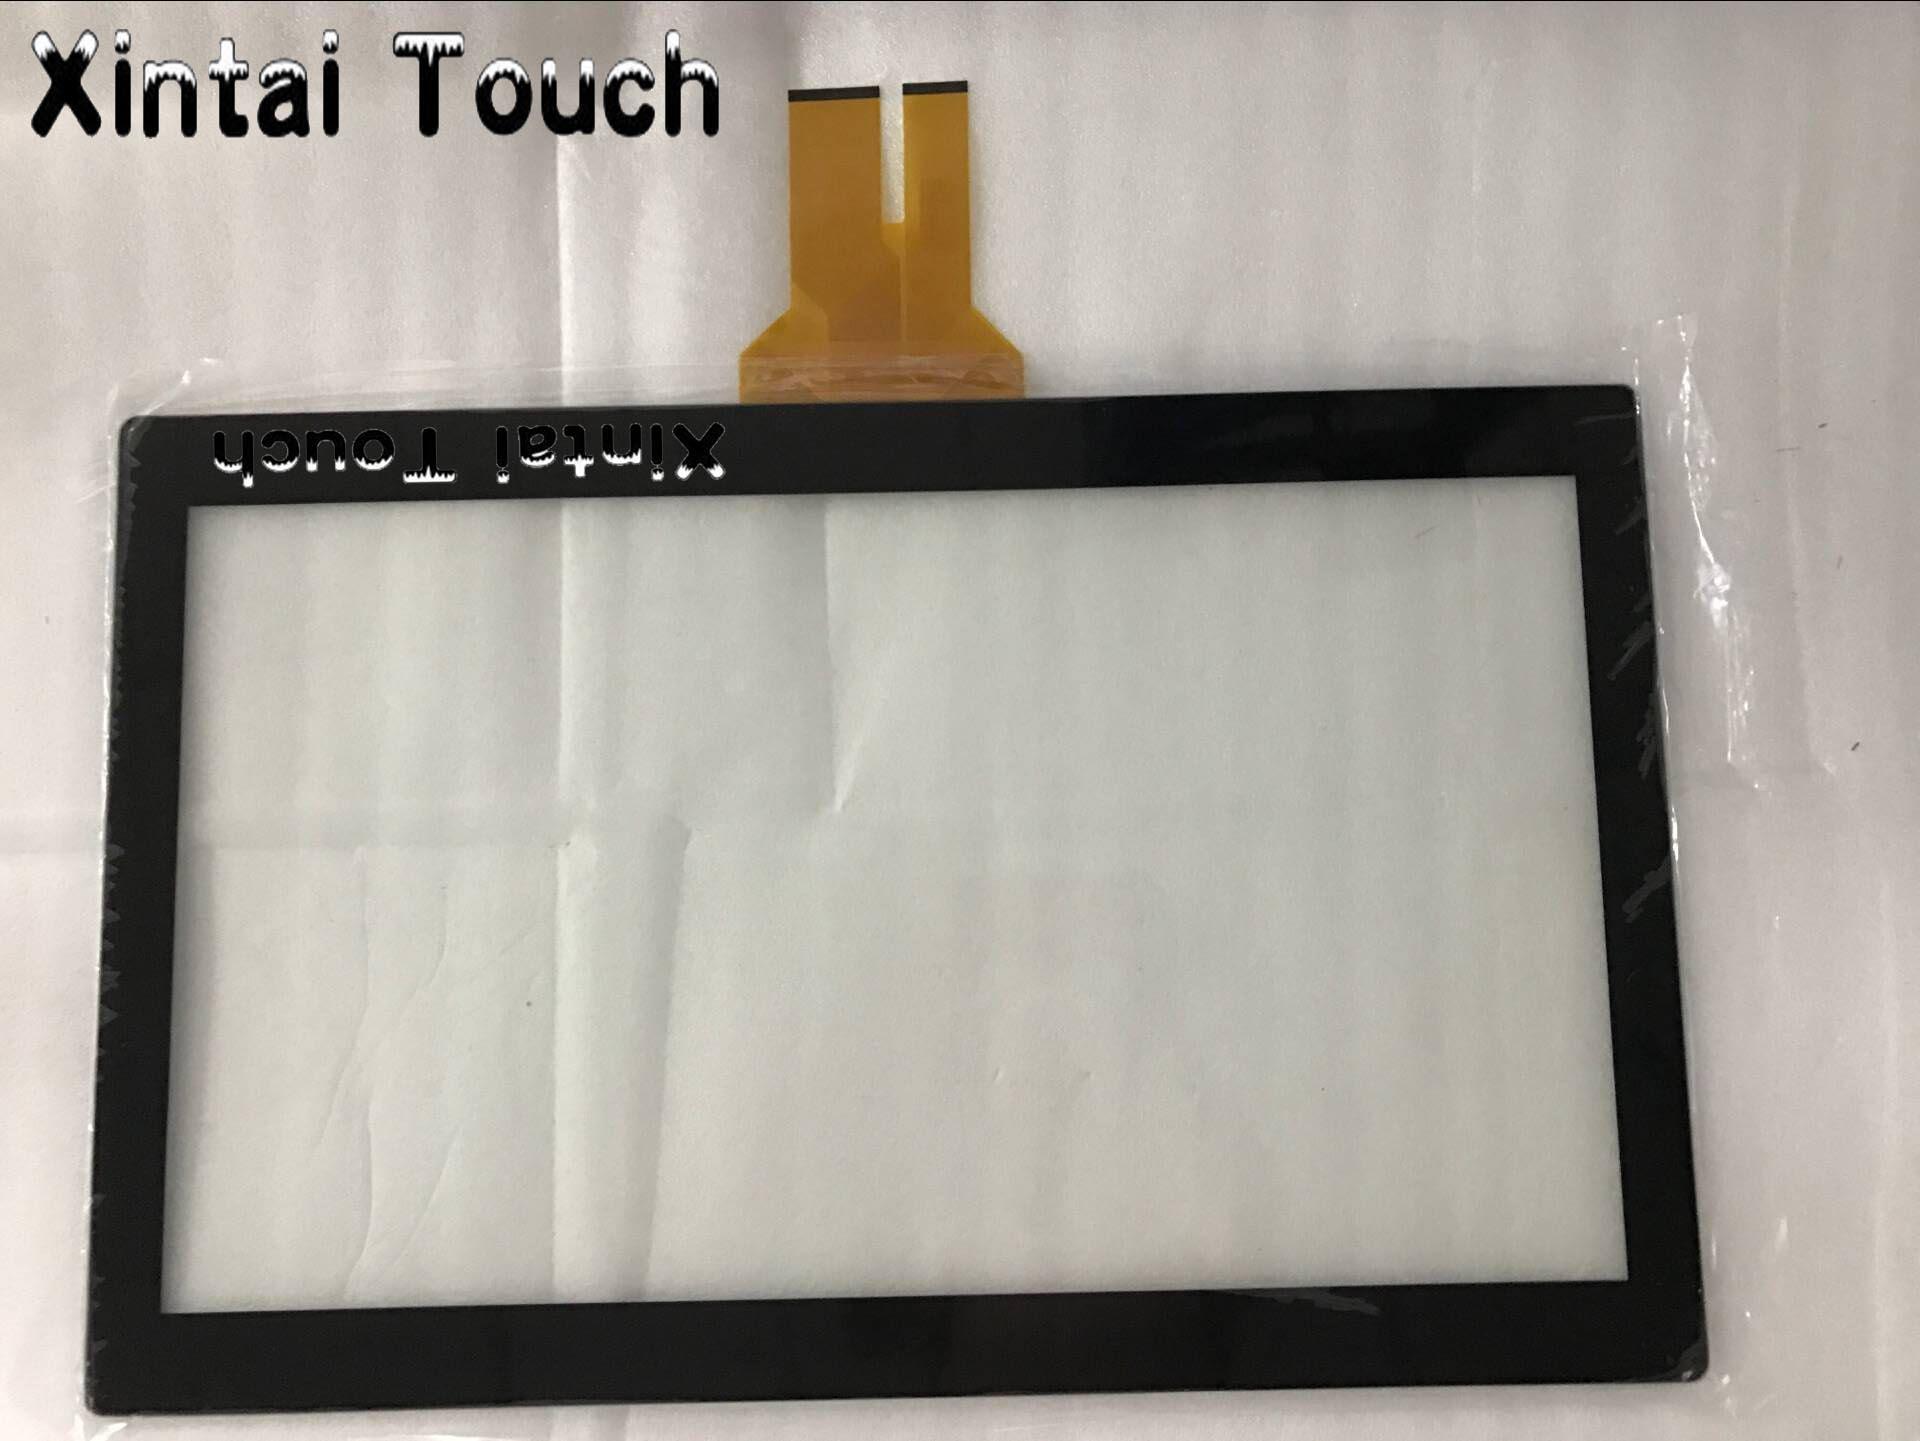 Écran tactile capacitif usb 15